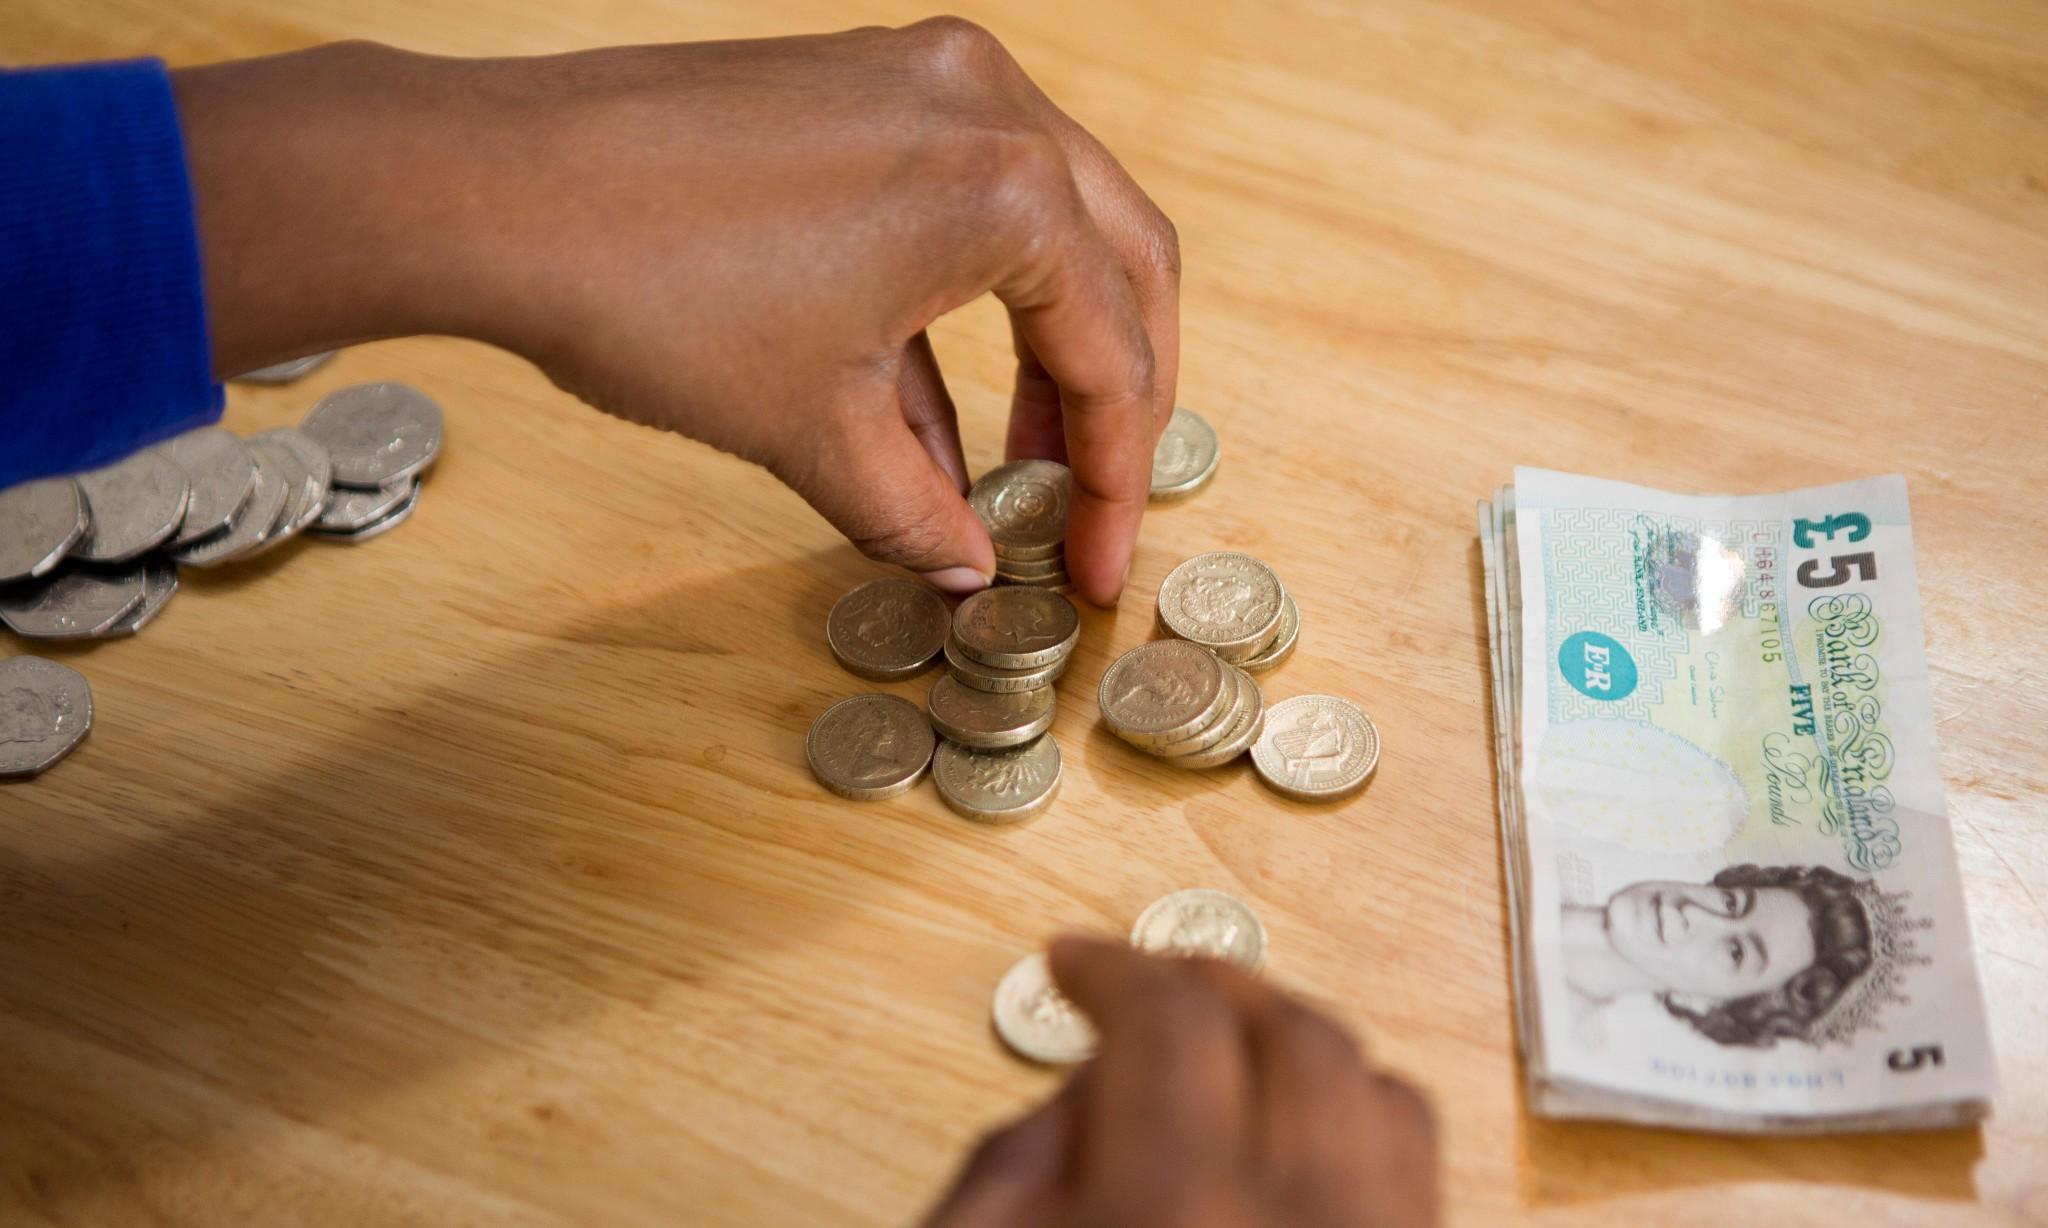 UK living standards return to pre-financial crash levels